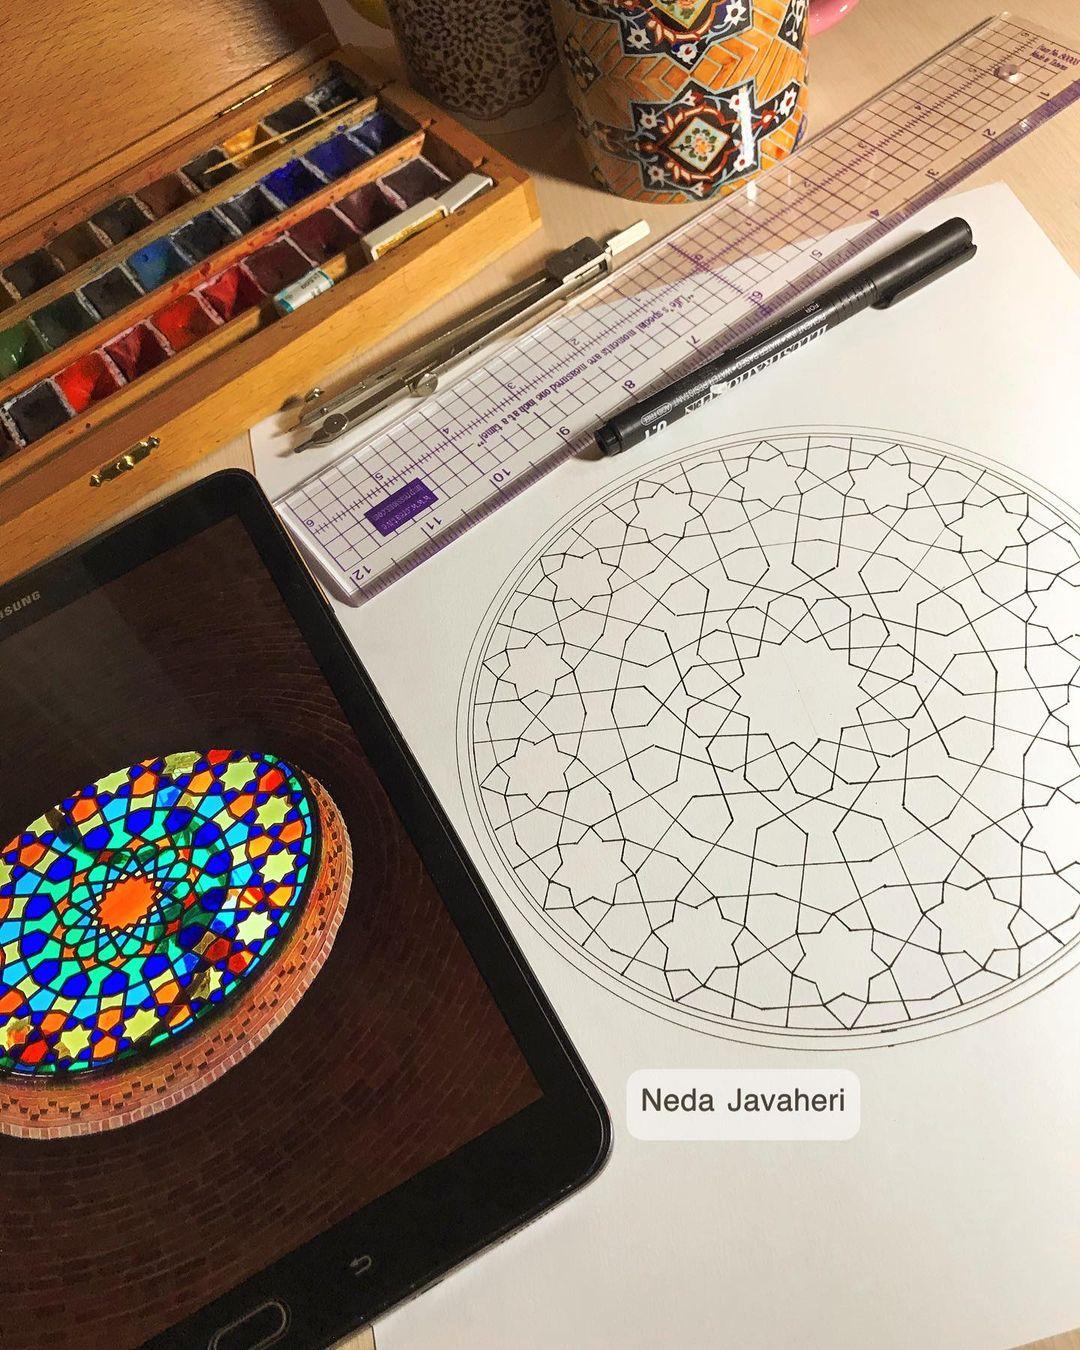 Karya Kaligrafi  این روزهای عید که فضای مجازی پر از عکسهای آدمها شده،یاد یک چیزی افتادم که همیشه…- Ne Javaher